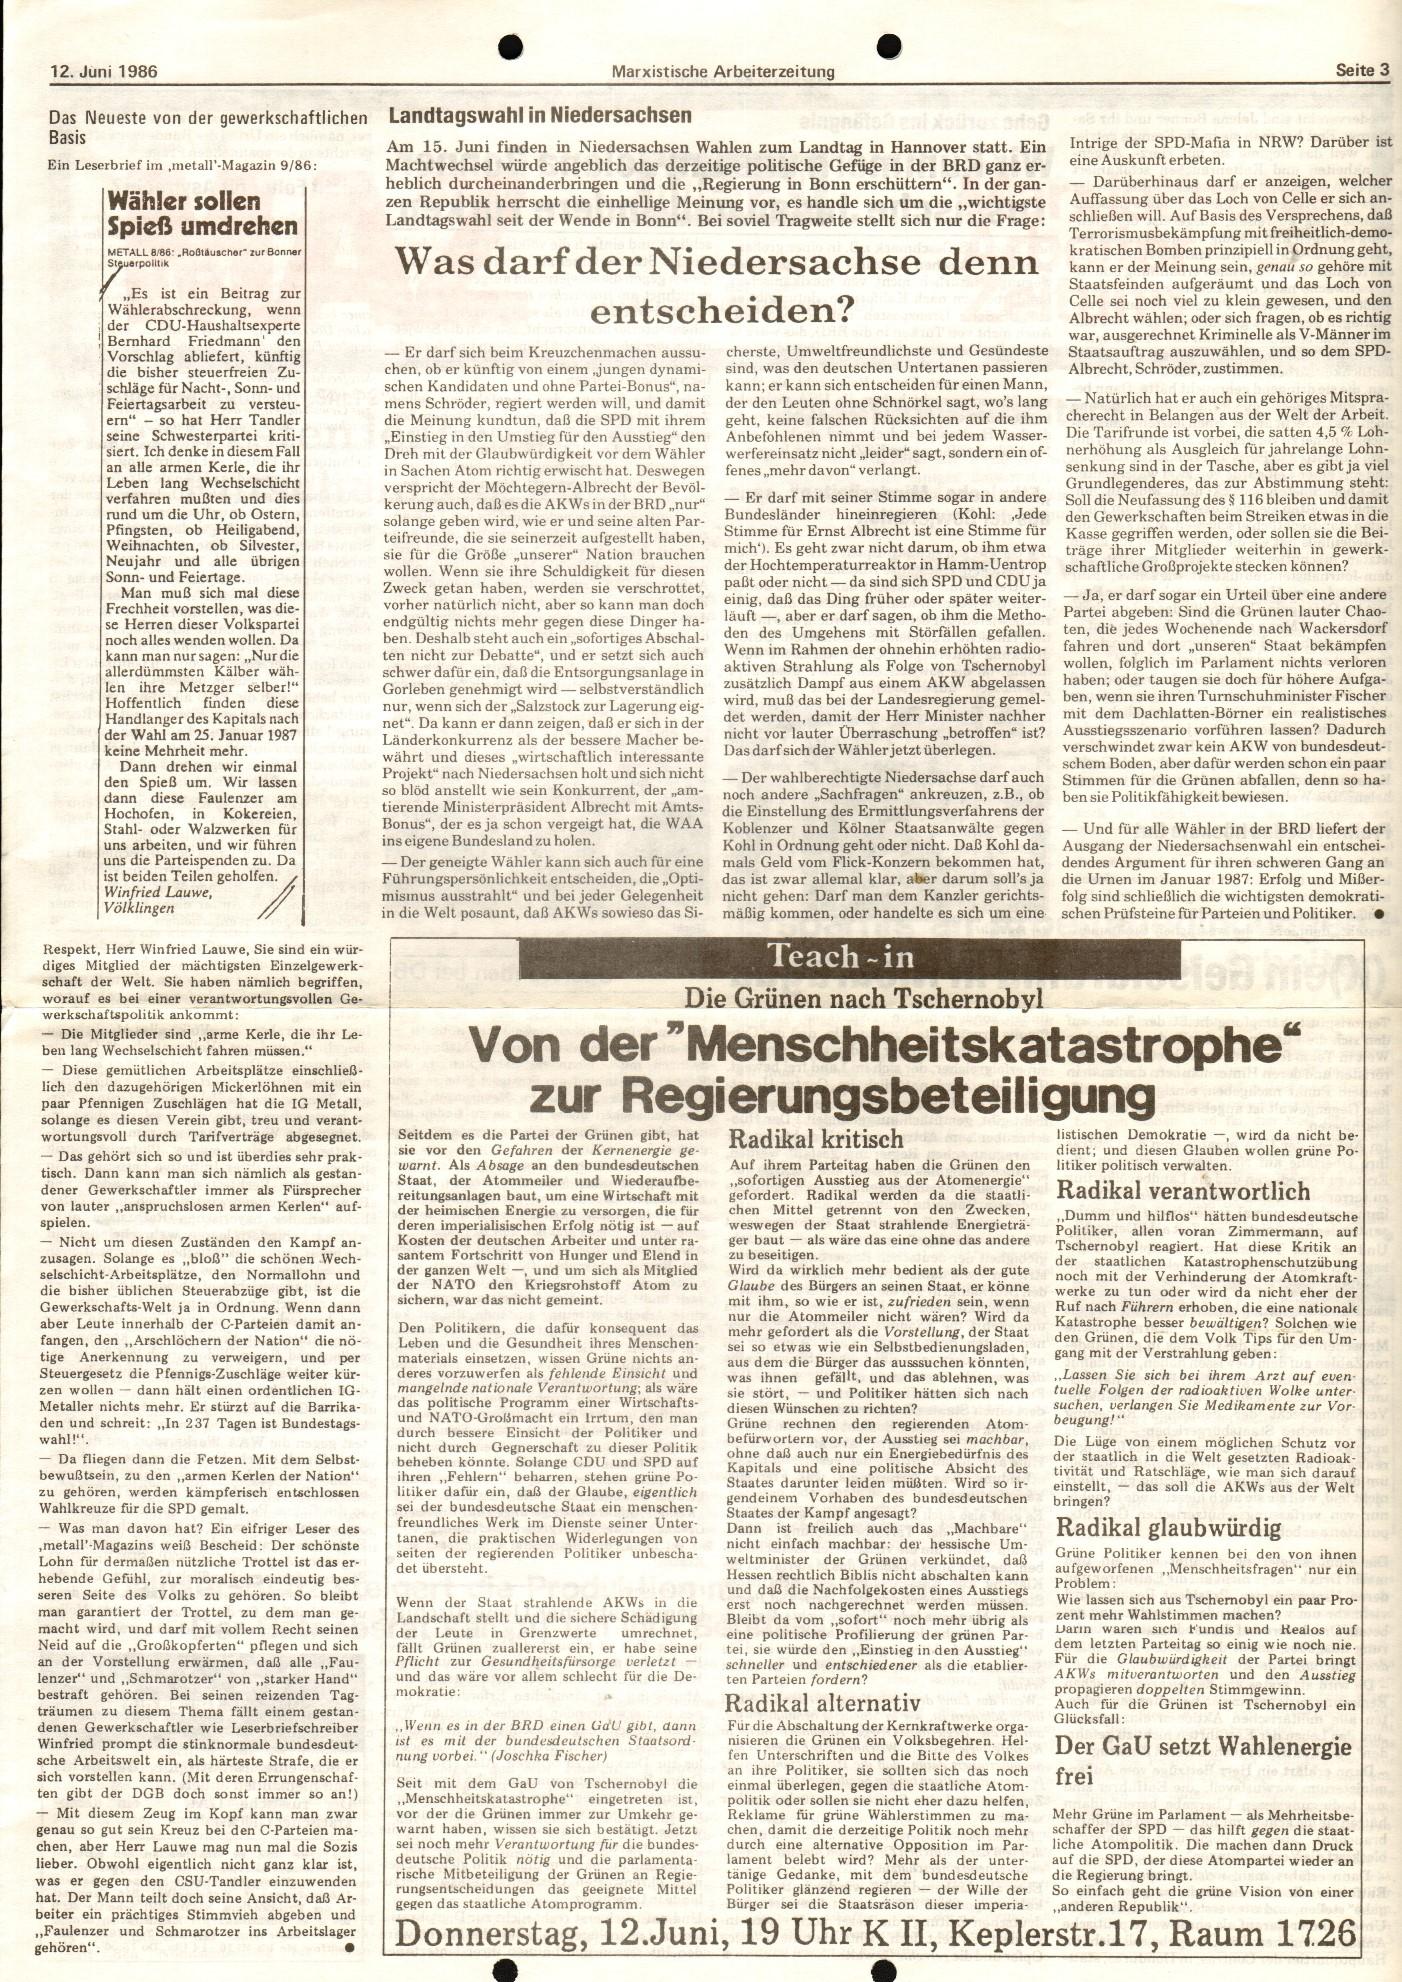 BW_MG_Marxistische_Arbeiterzeitung_19860612_03